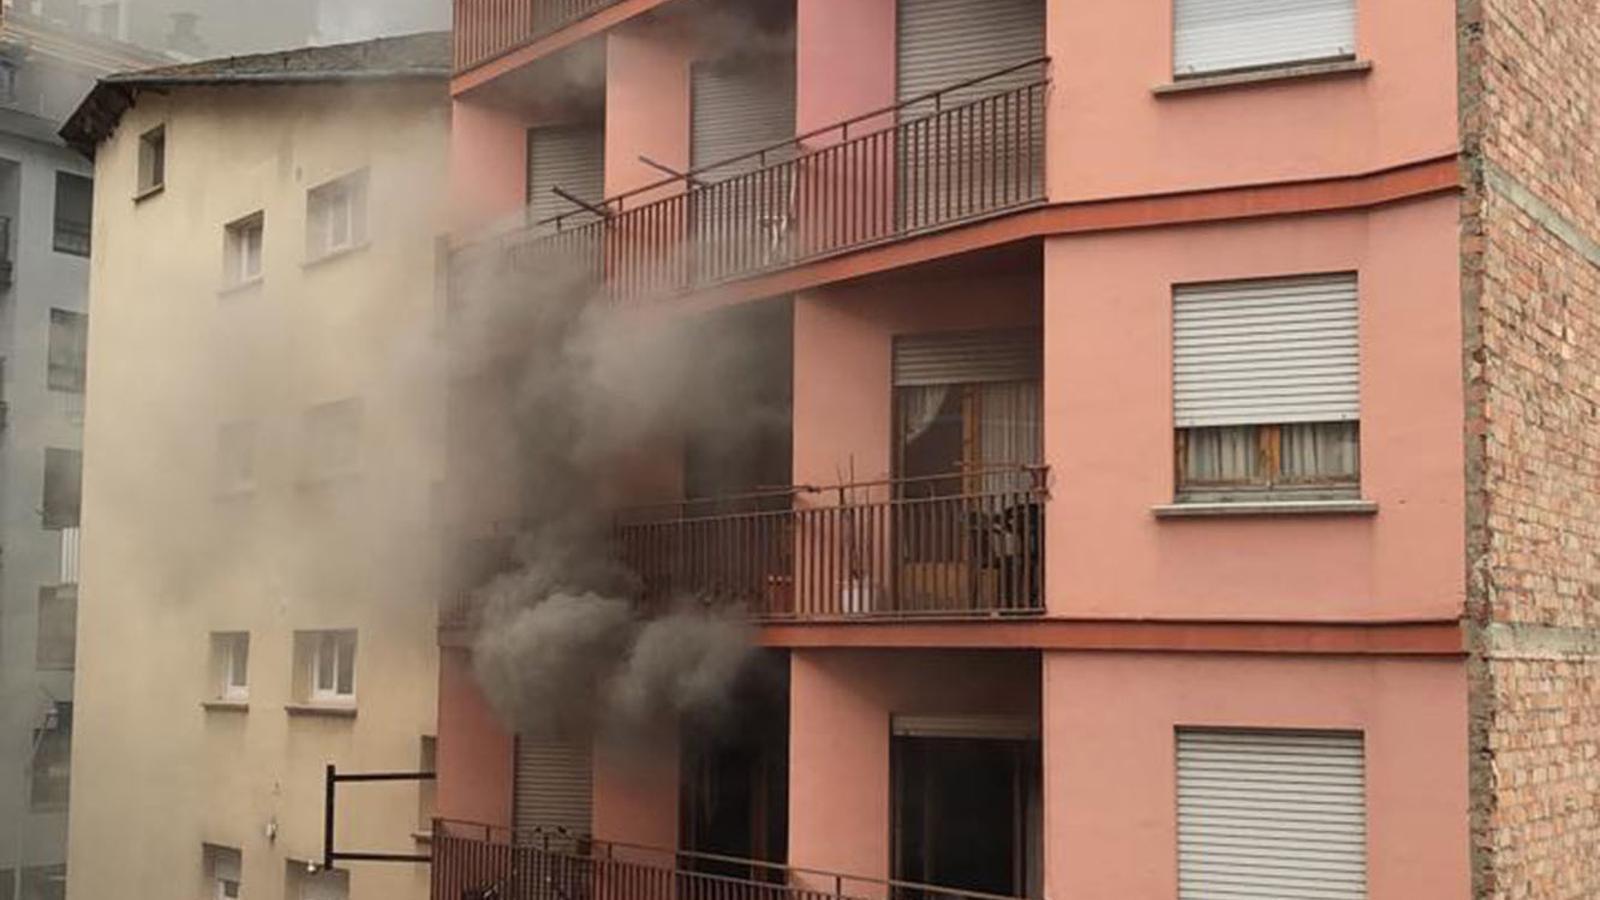 Imatge del fum sortint del pis que s'ha cremat. / ANA